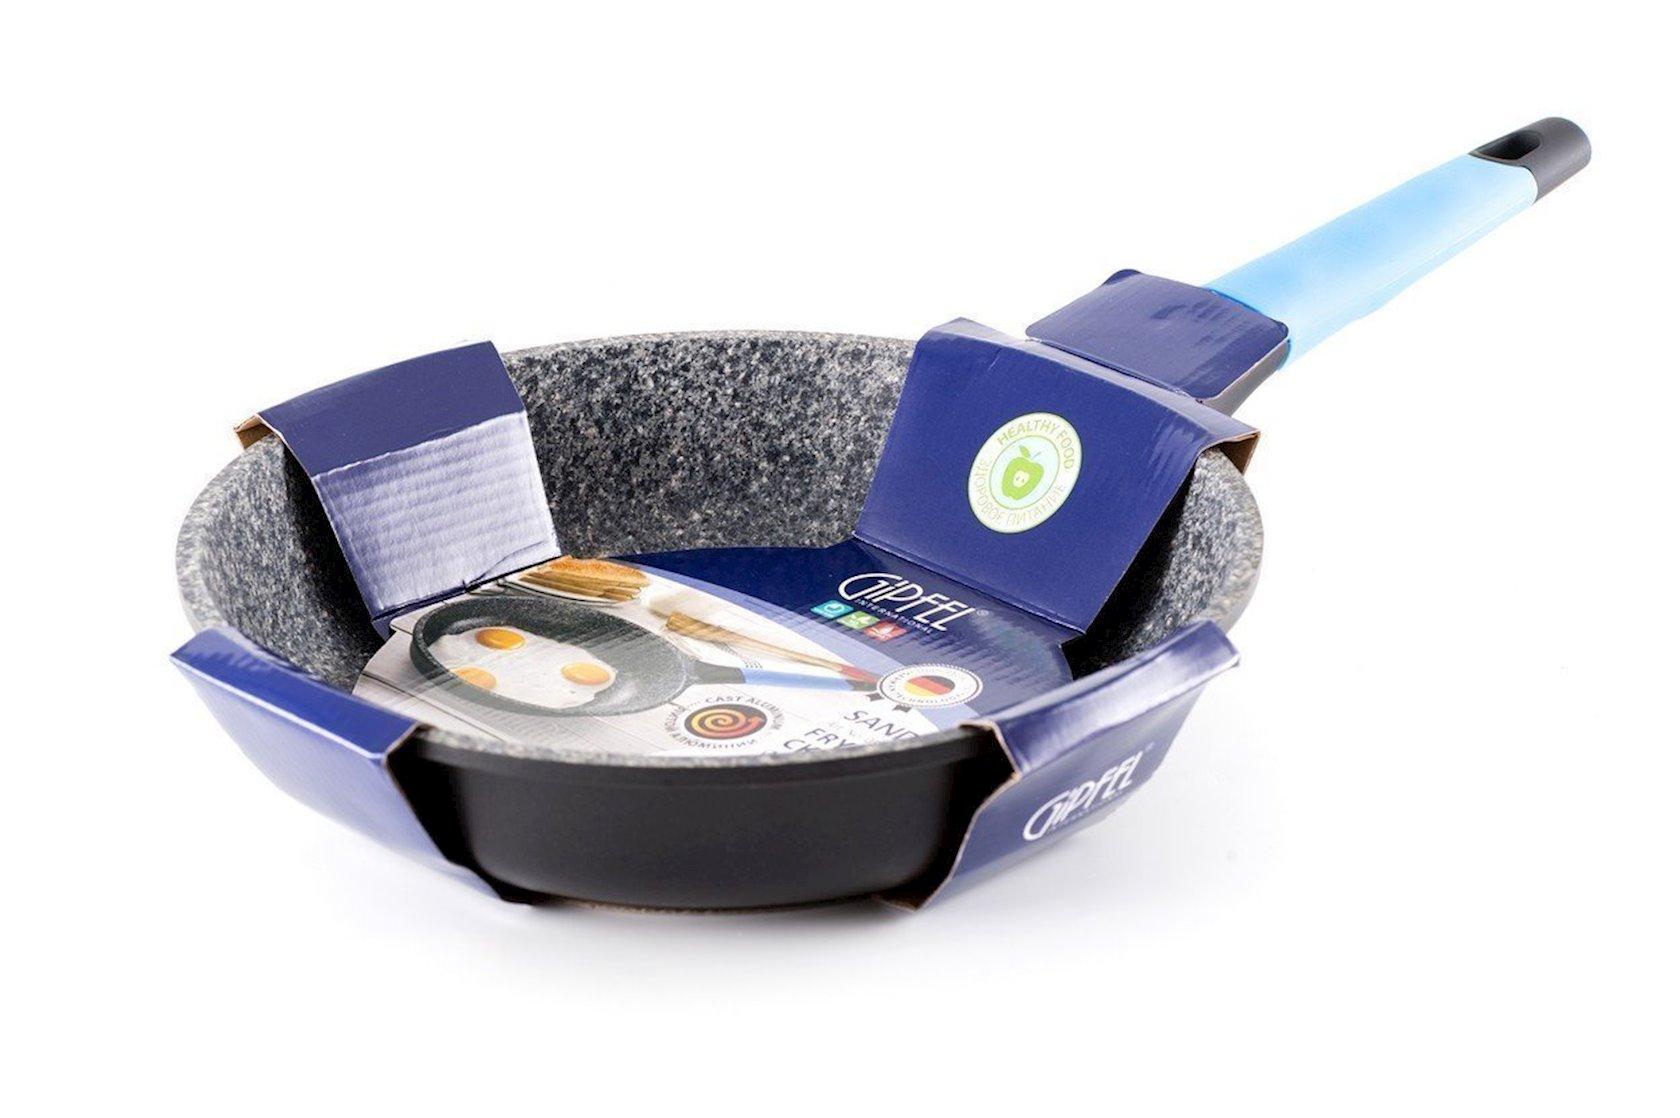 Tava Gipfel SANDRA 0578 26х6, 0sm. Material: Tökmə alüminium, induksiya dibi, daxilində PFLUON granite coating örtüyü, bayırdan PTFE örtüyü, bakelit tutacaq SOFT TOUCH örtüyü ilə